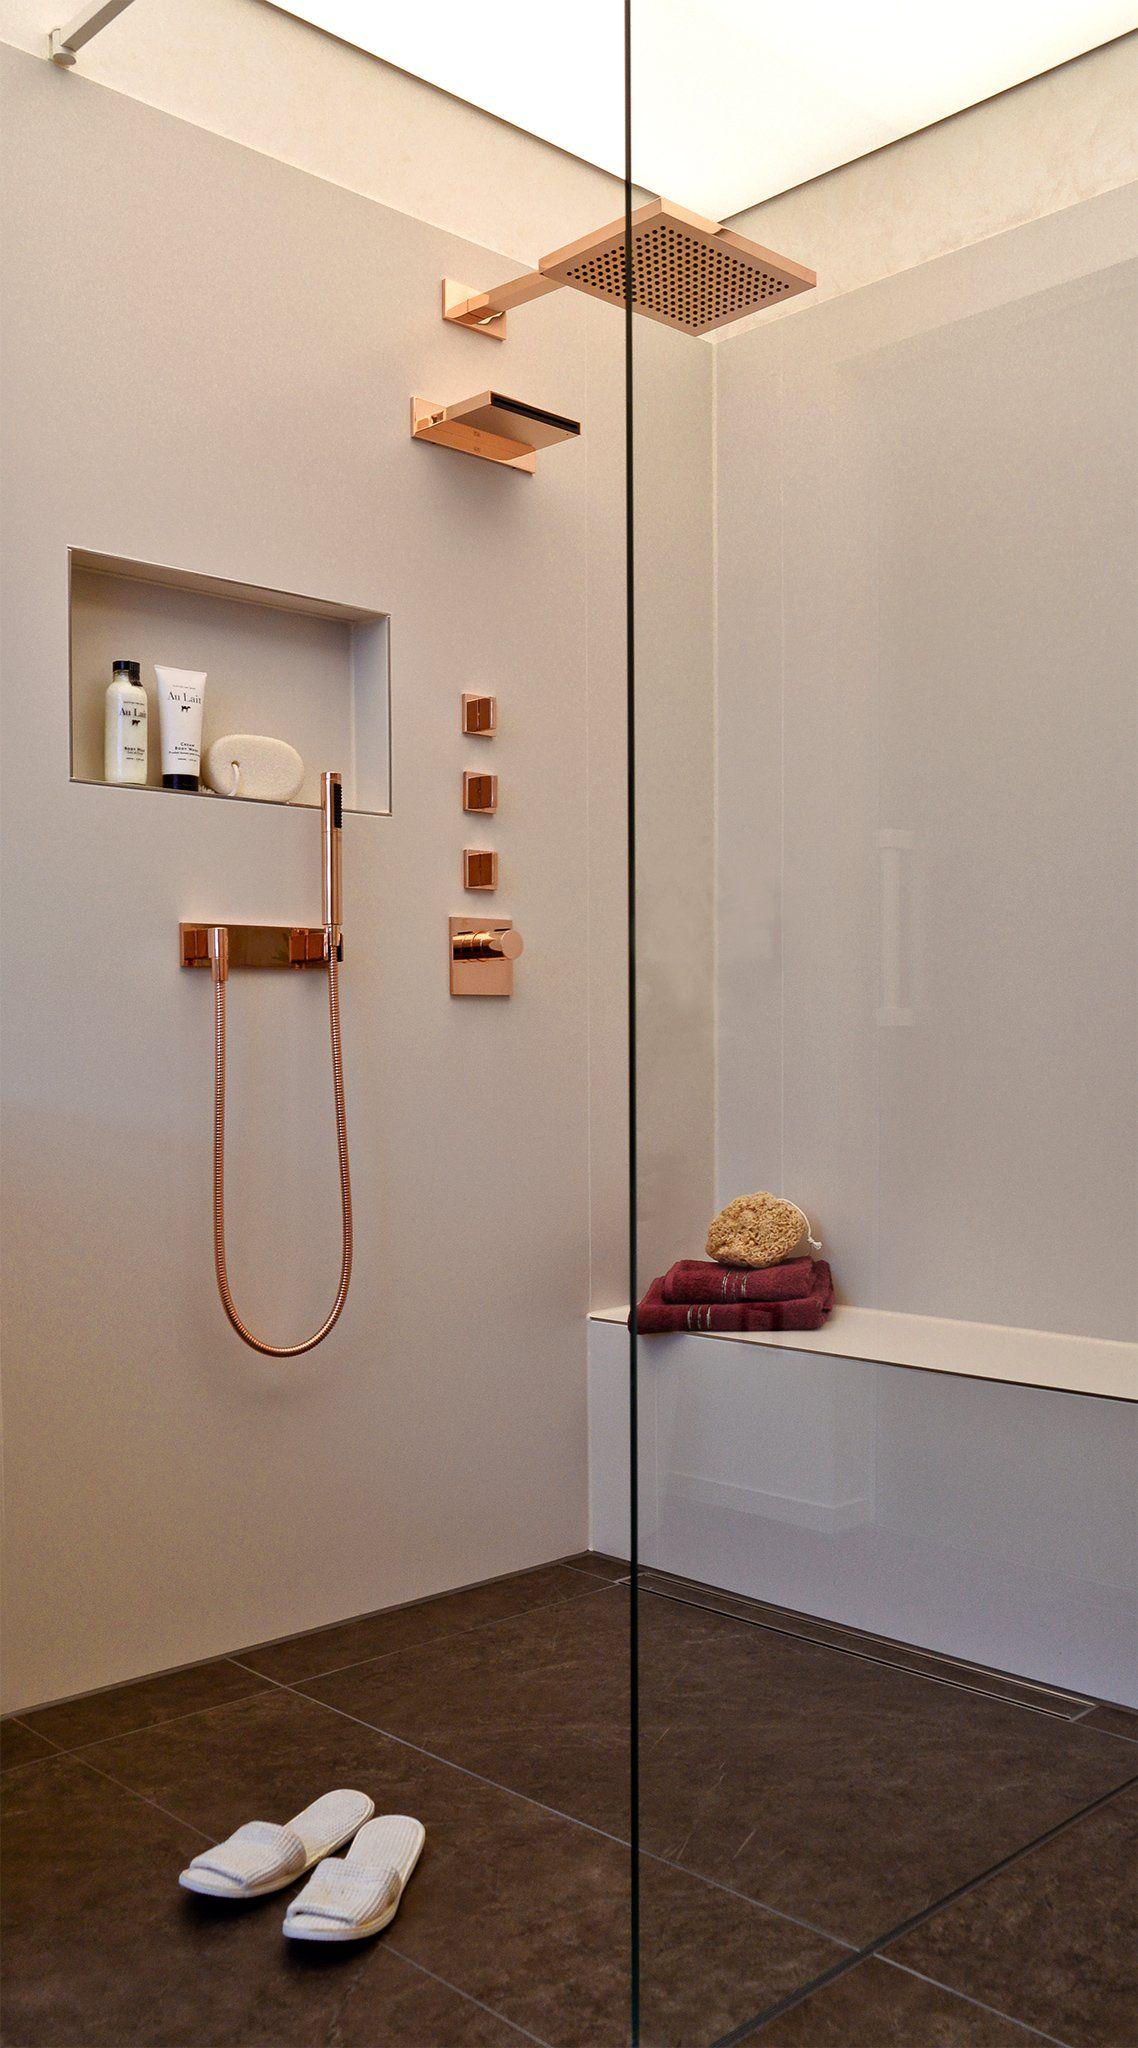 Walk In Duschen In Top Design 15 Beispiele Die Beeindrucken Walk In Dusche Wandnischen Badezimmer